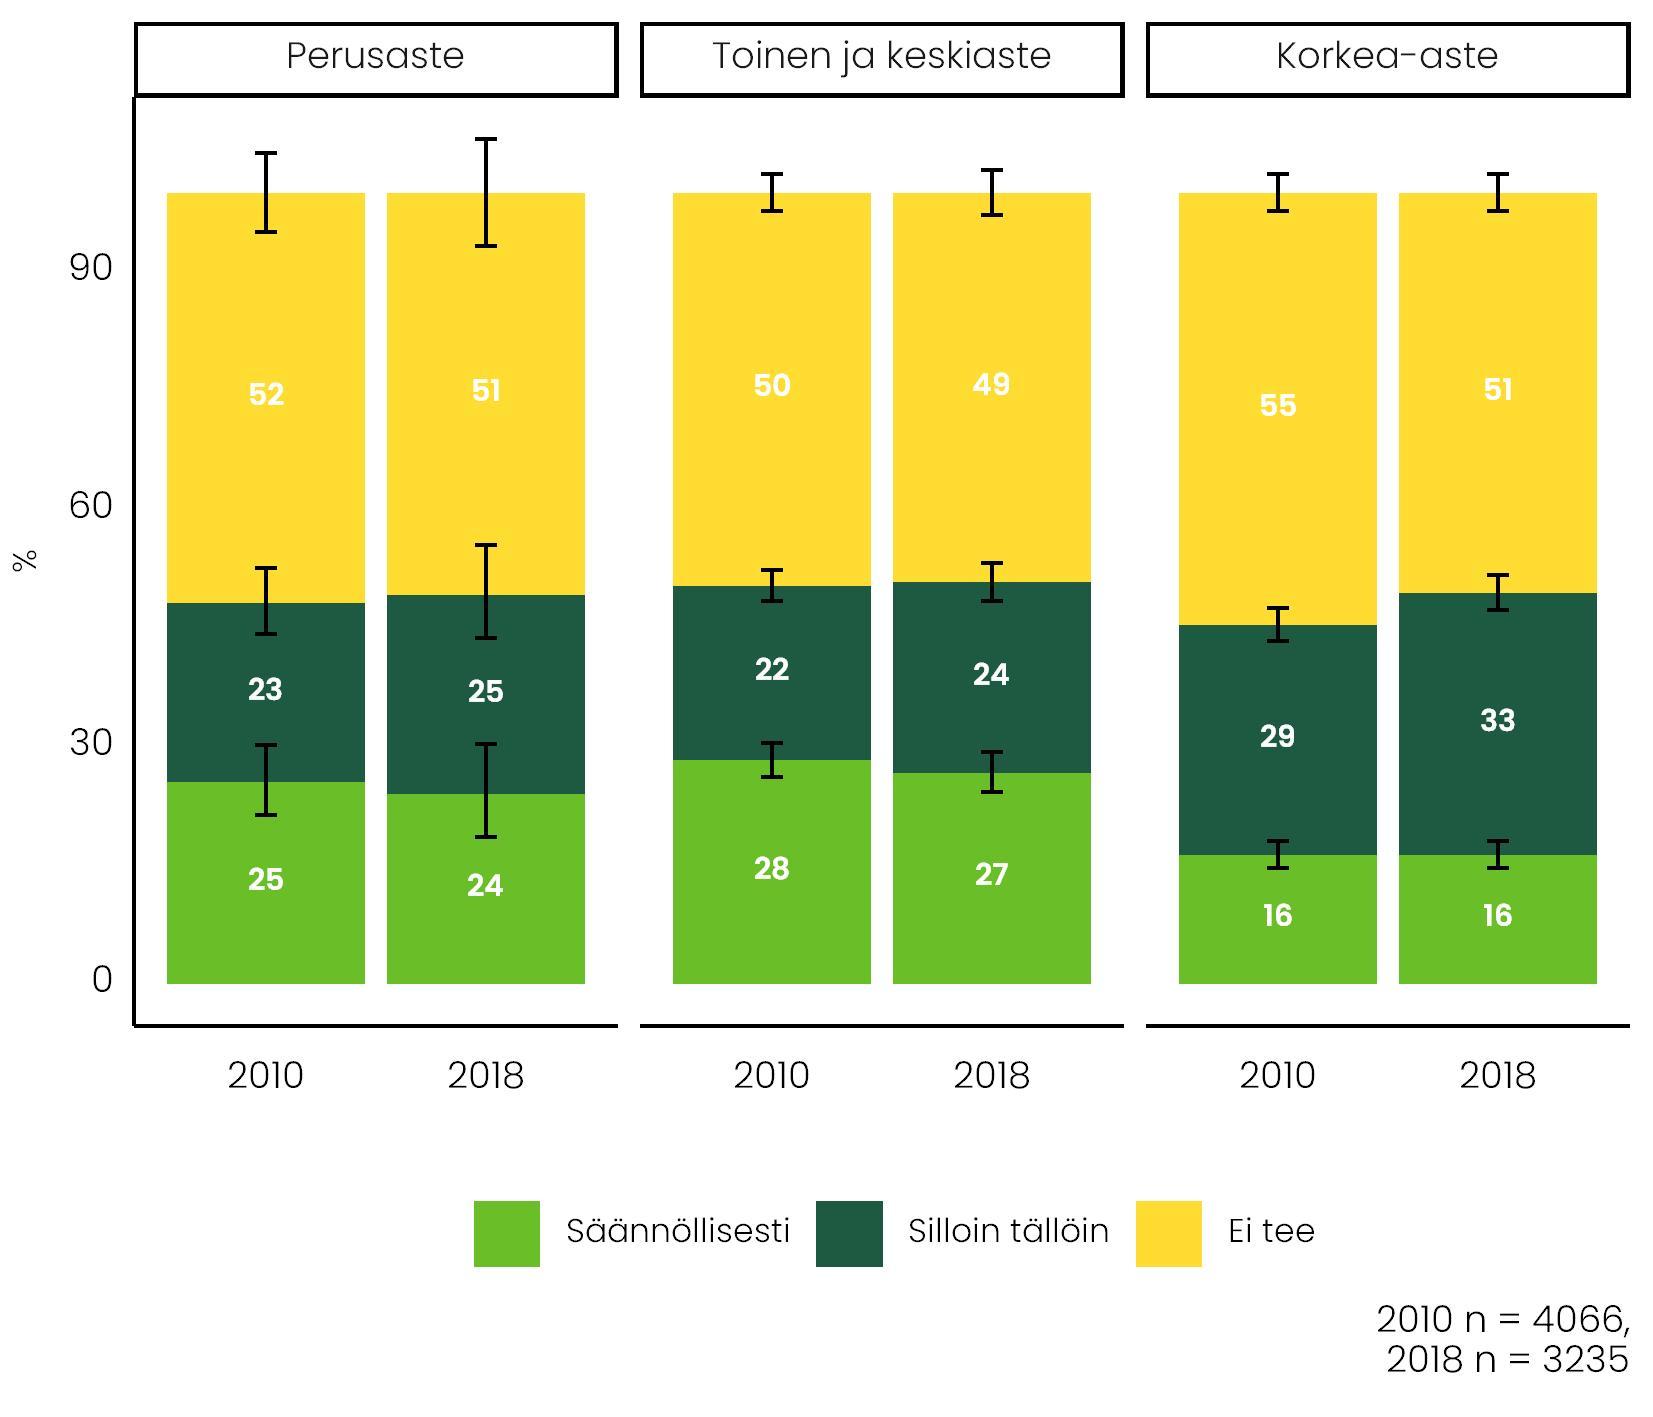 Kuviossa vertaillaan iltatöiden yleisyyttä kolmen koulutusryhmän välillä vuosina 2010 ja 2018. Päätiedot avattu tekstissä.